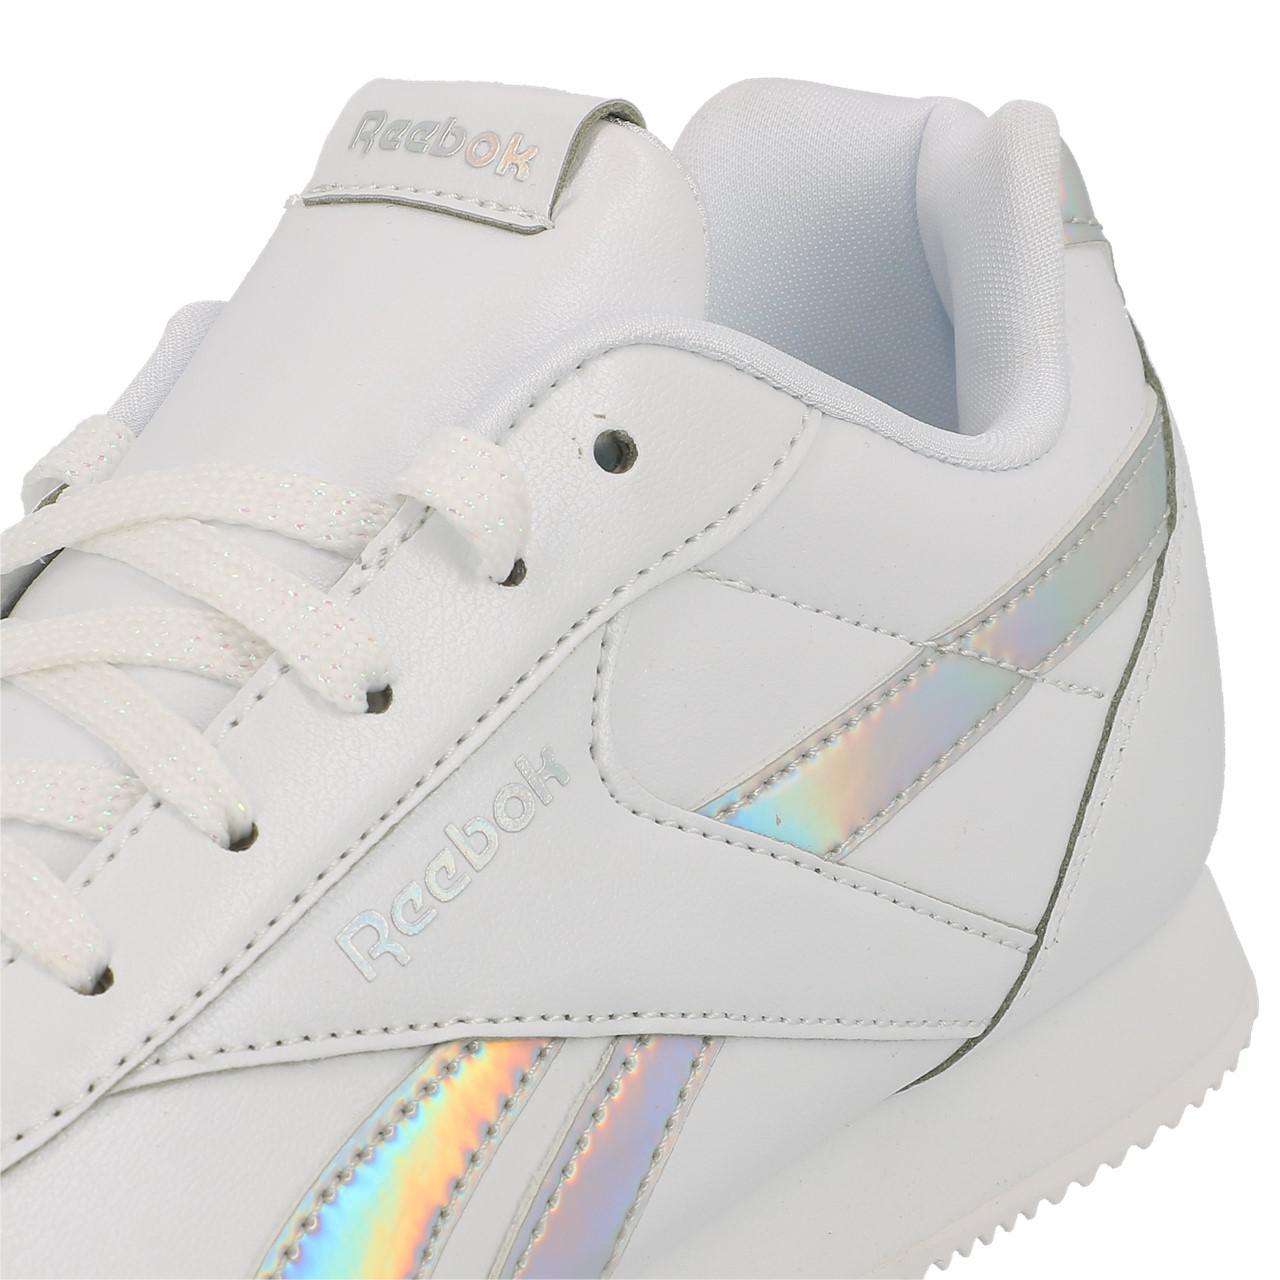 Schuhe-Niedrig-Leder-oder-Faux-Reebok-Royal-Cljog-White-Maedchen-Weiss-18852-Neu Indexbild 2